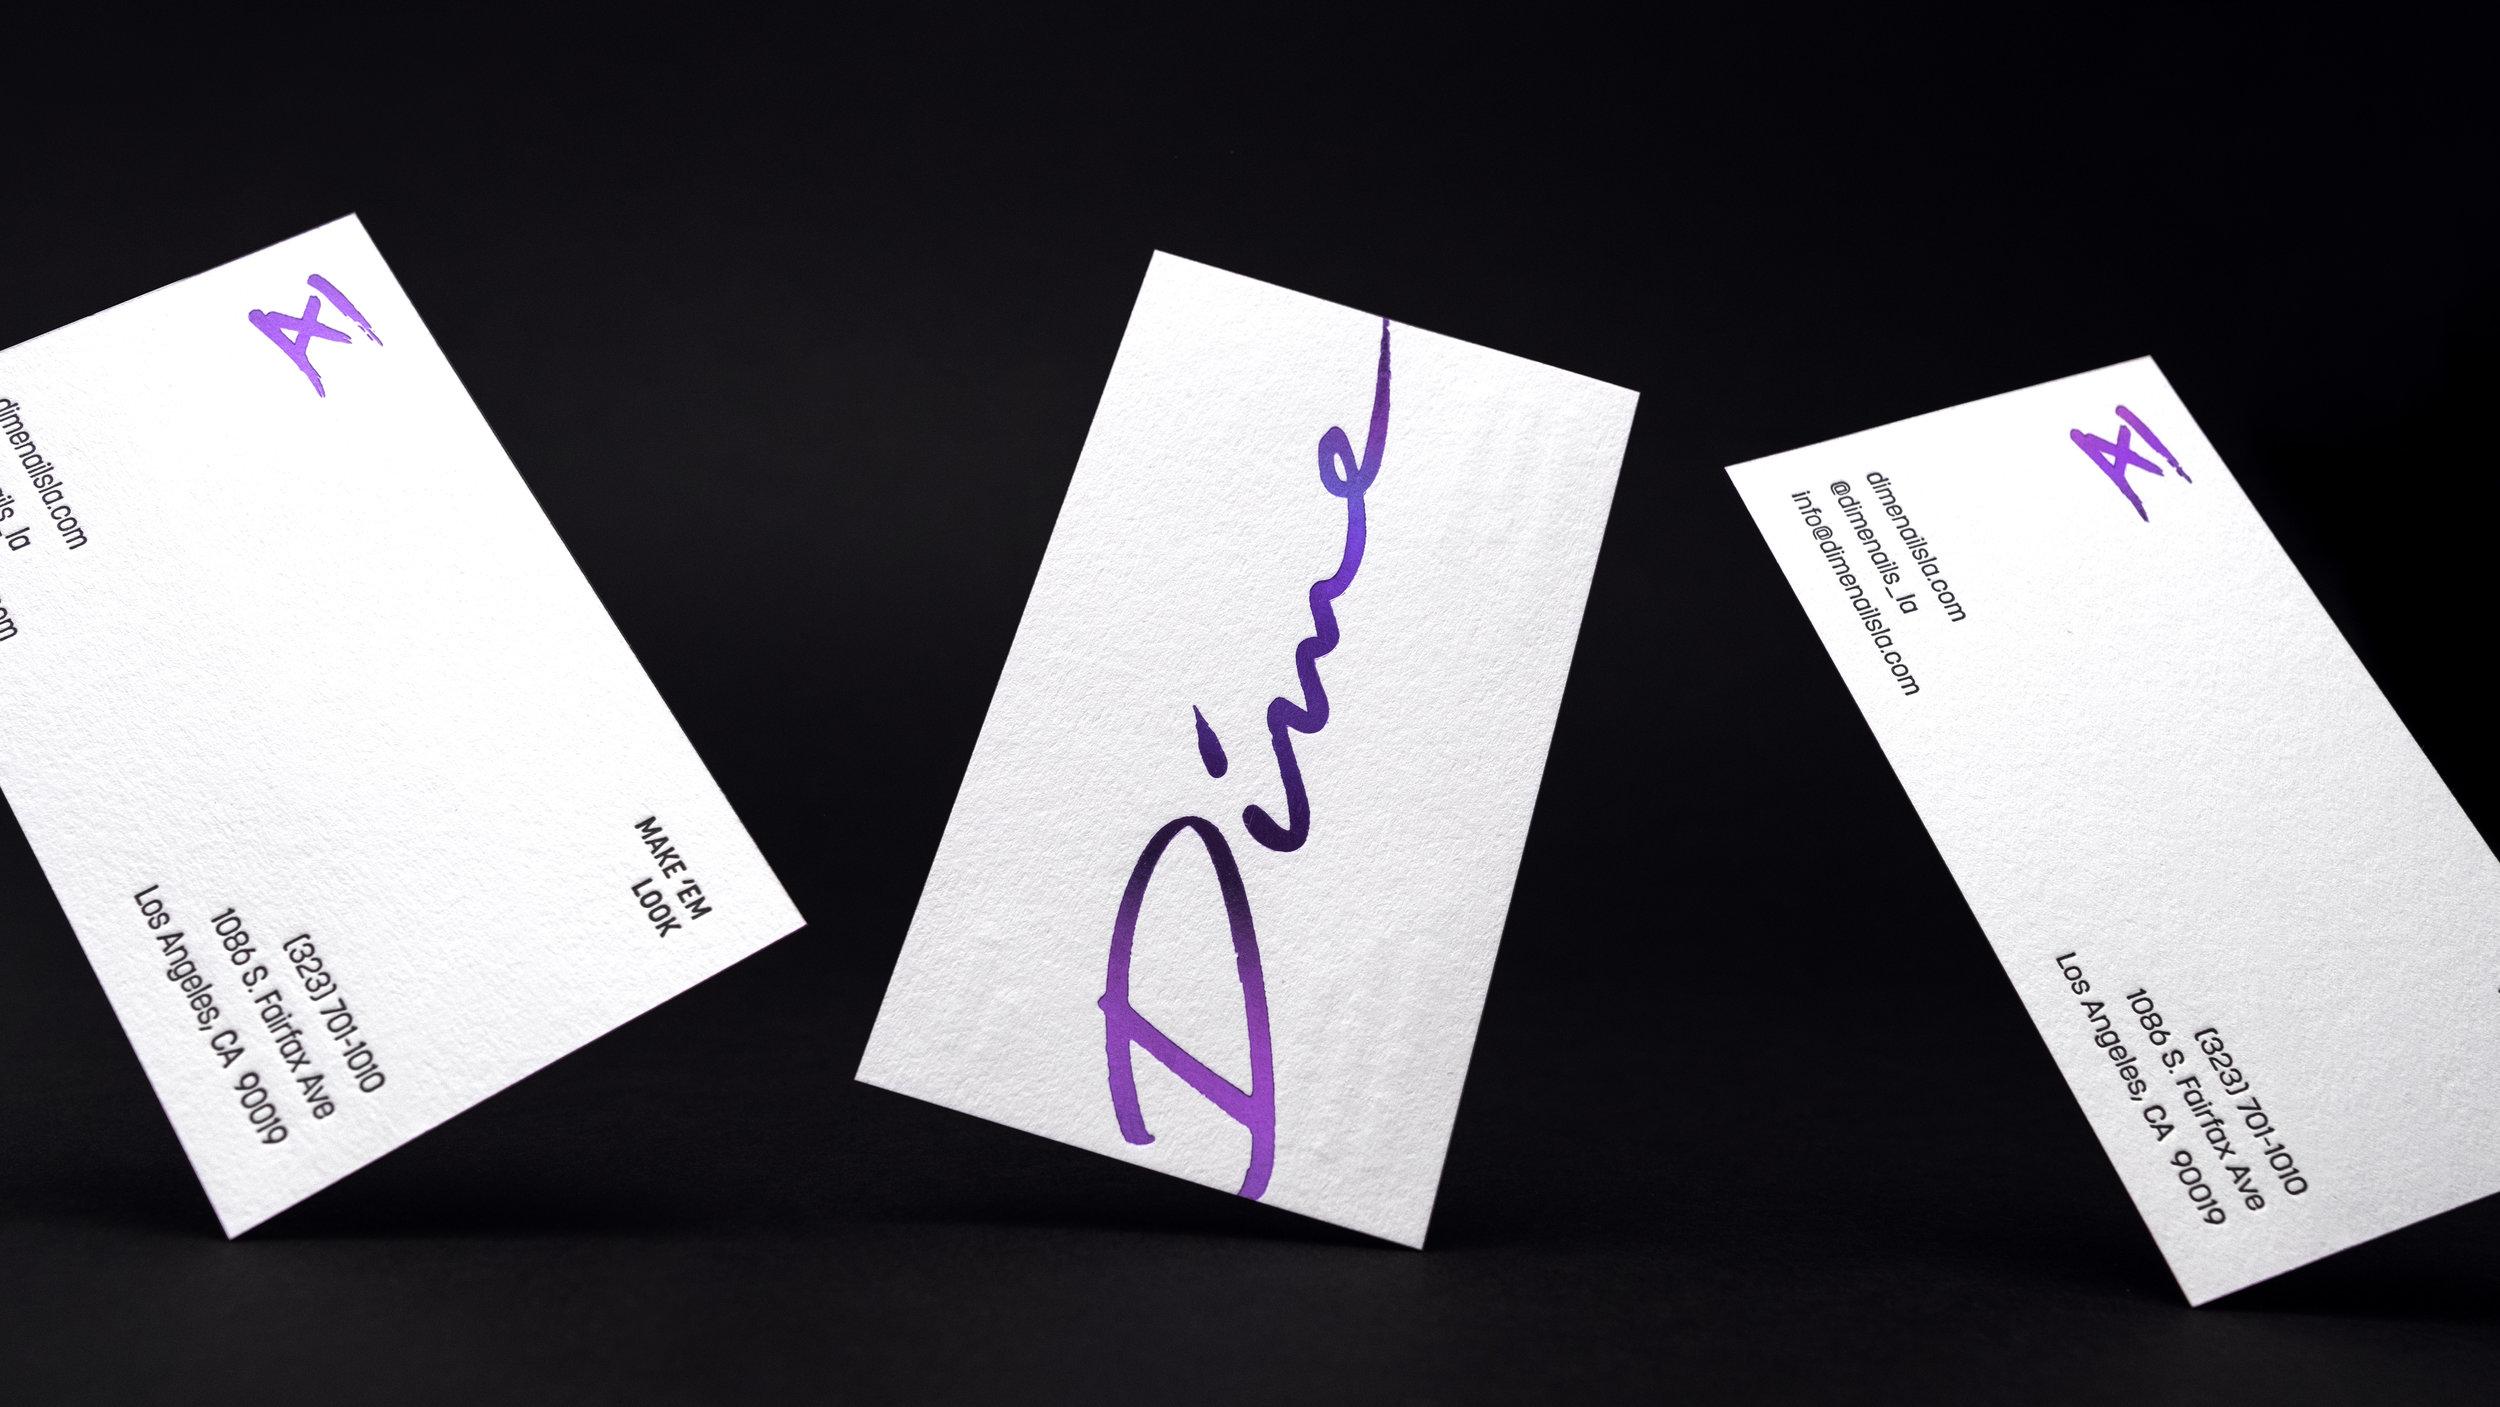 Dime_nailaalon_businesscards_julieeckertdesign_05.jpg